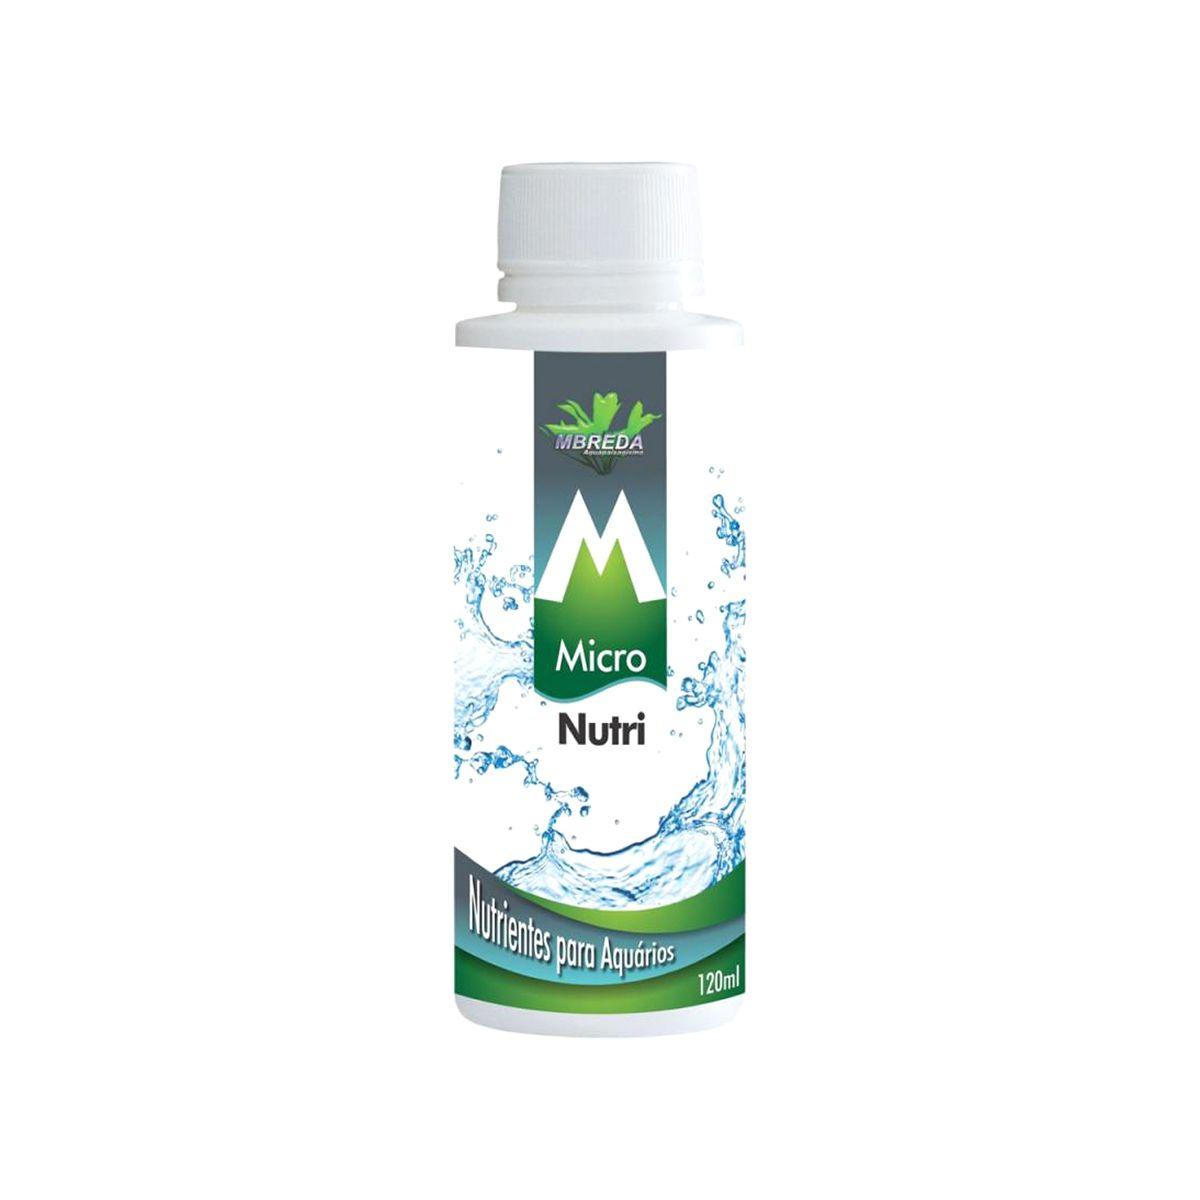 Mbreda Micronutri 120ml Fertilizante para Aquários Plantados